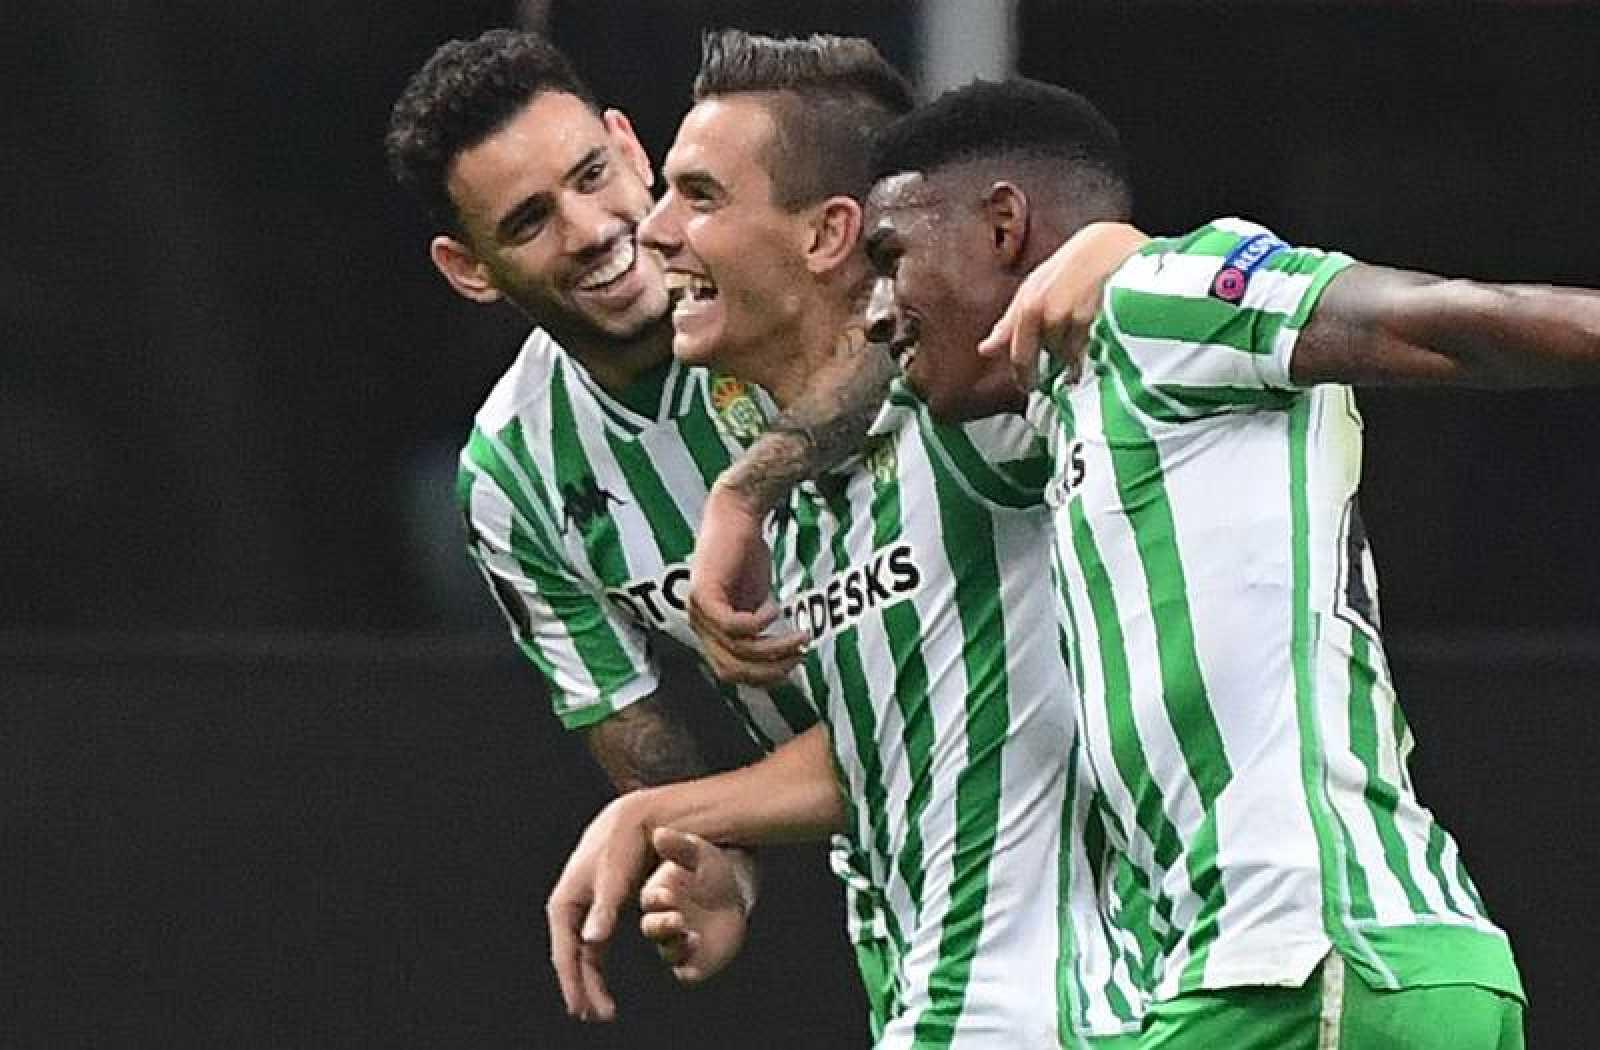 Lo Celso celebra el segundo gol anotado ante el Milan.